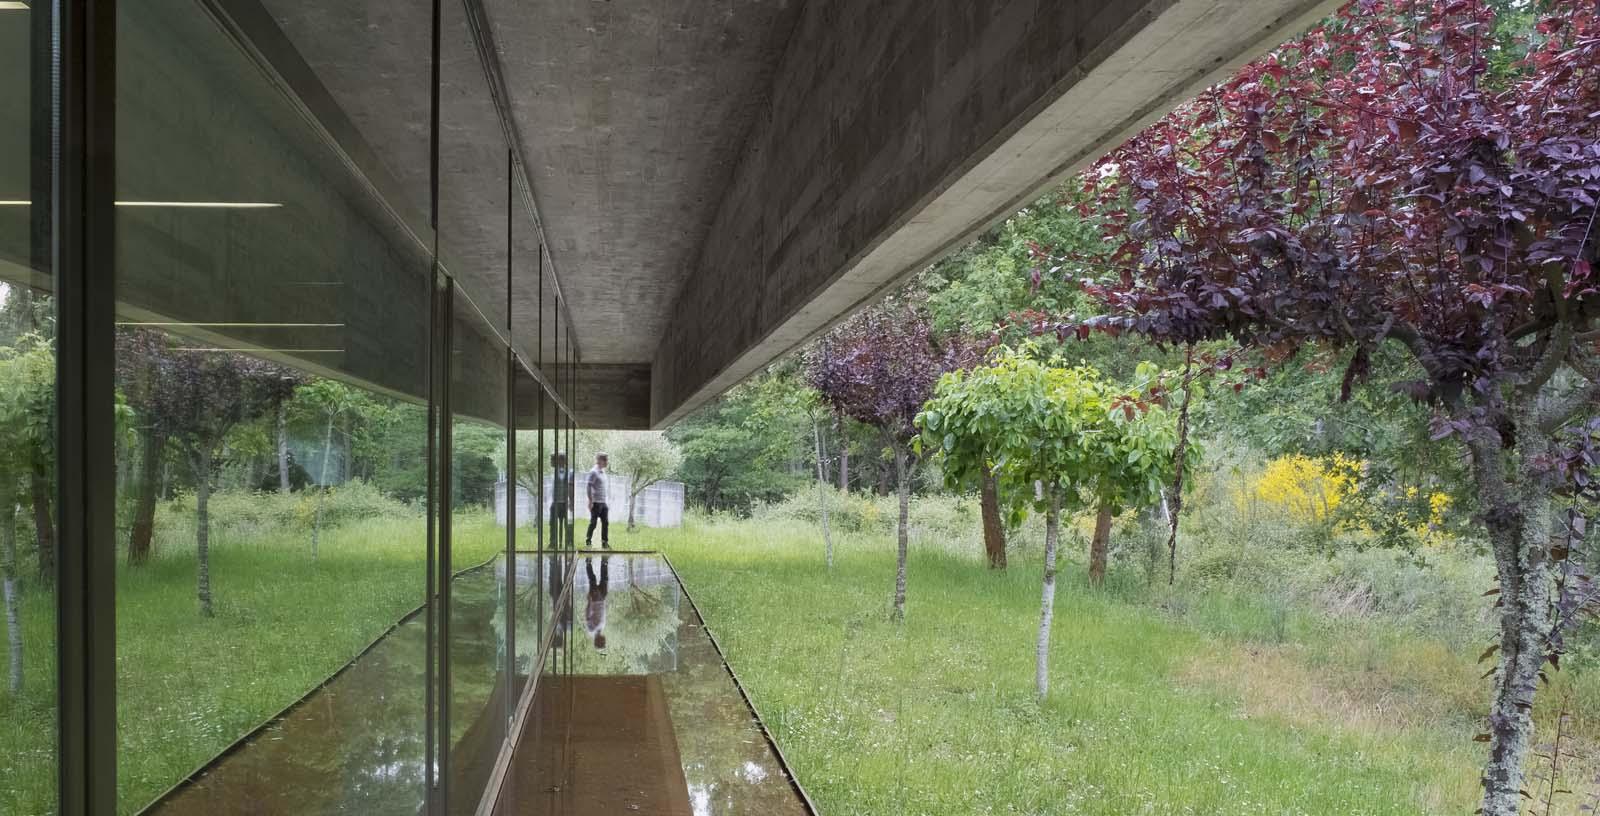 A_Merca_Health_Center_Architecture_Idom_Aitor_Ortiz_20